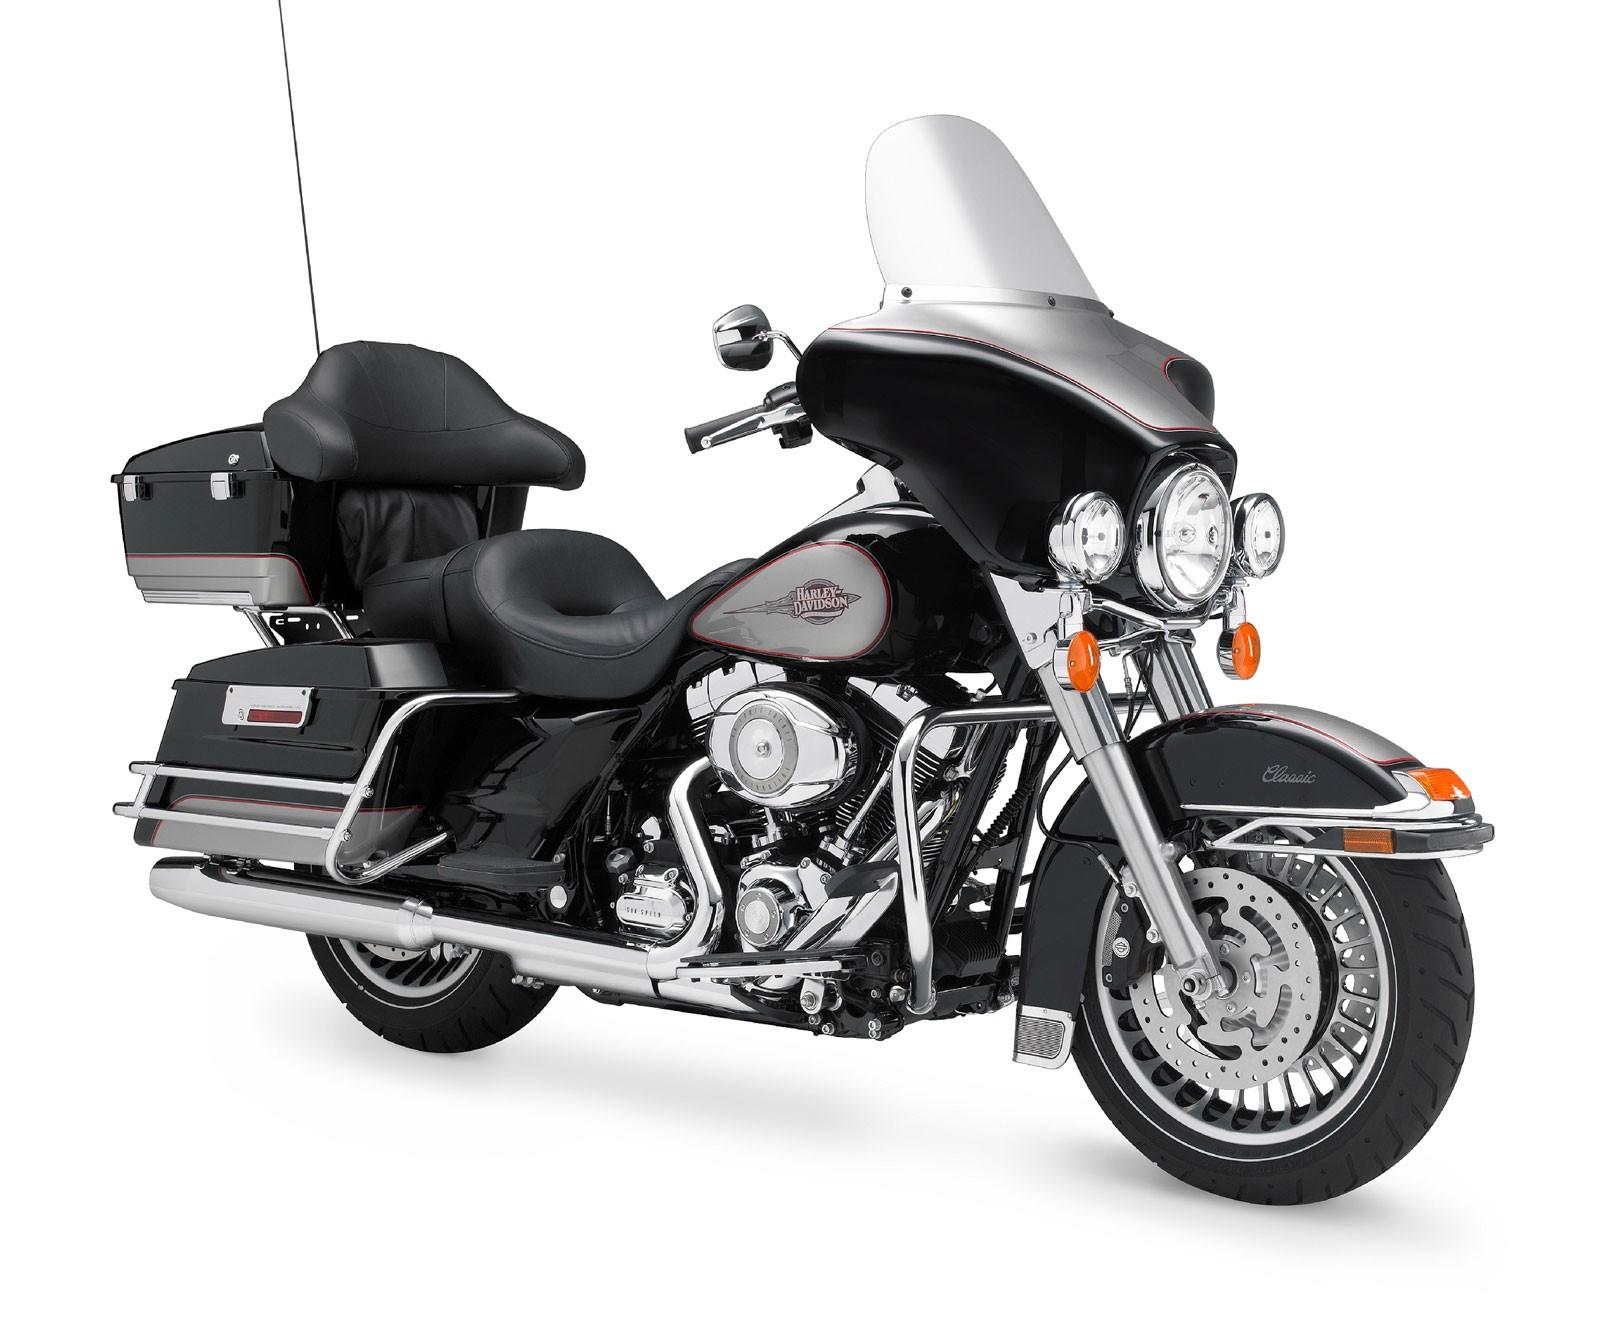 Harley Davidson Electra Glide Specs